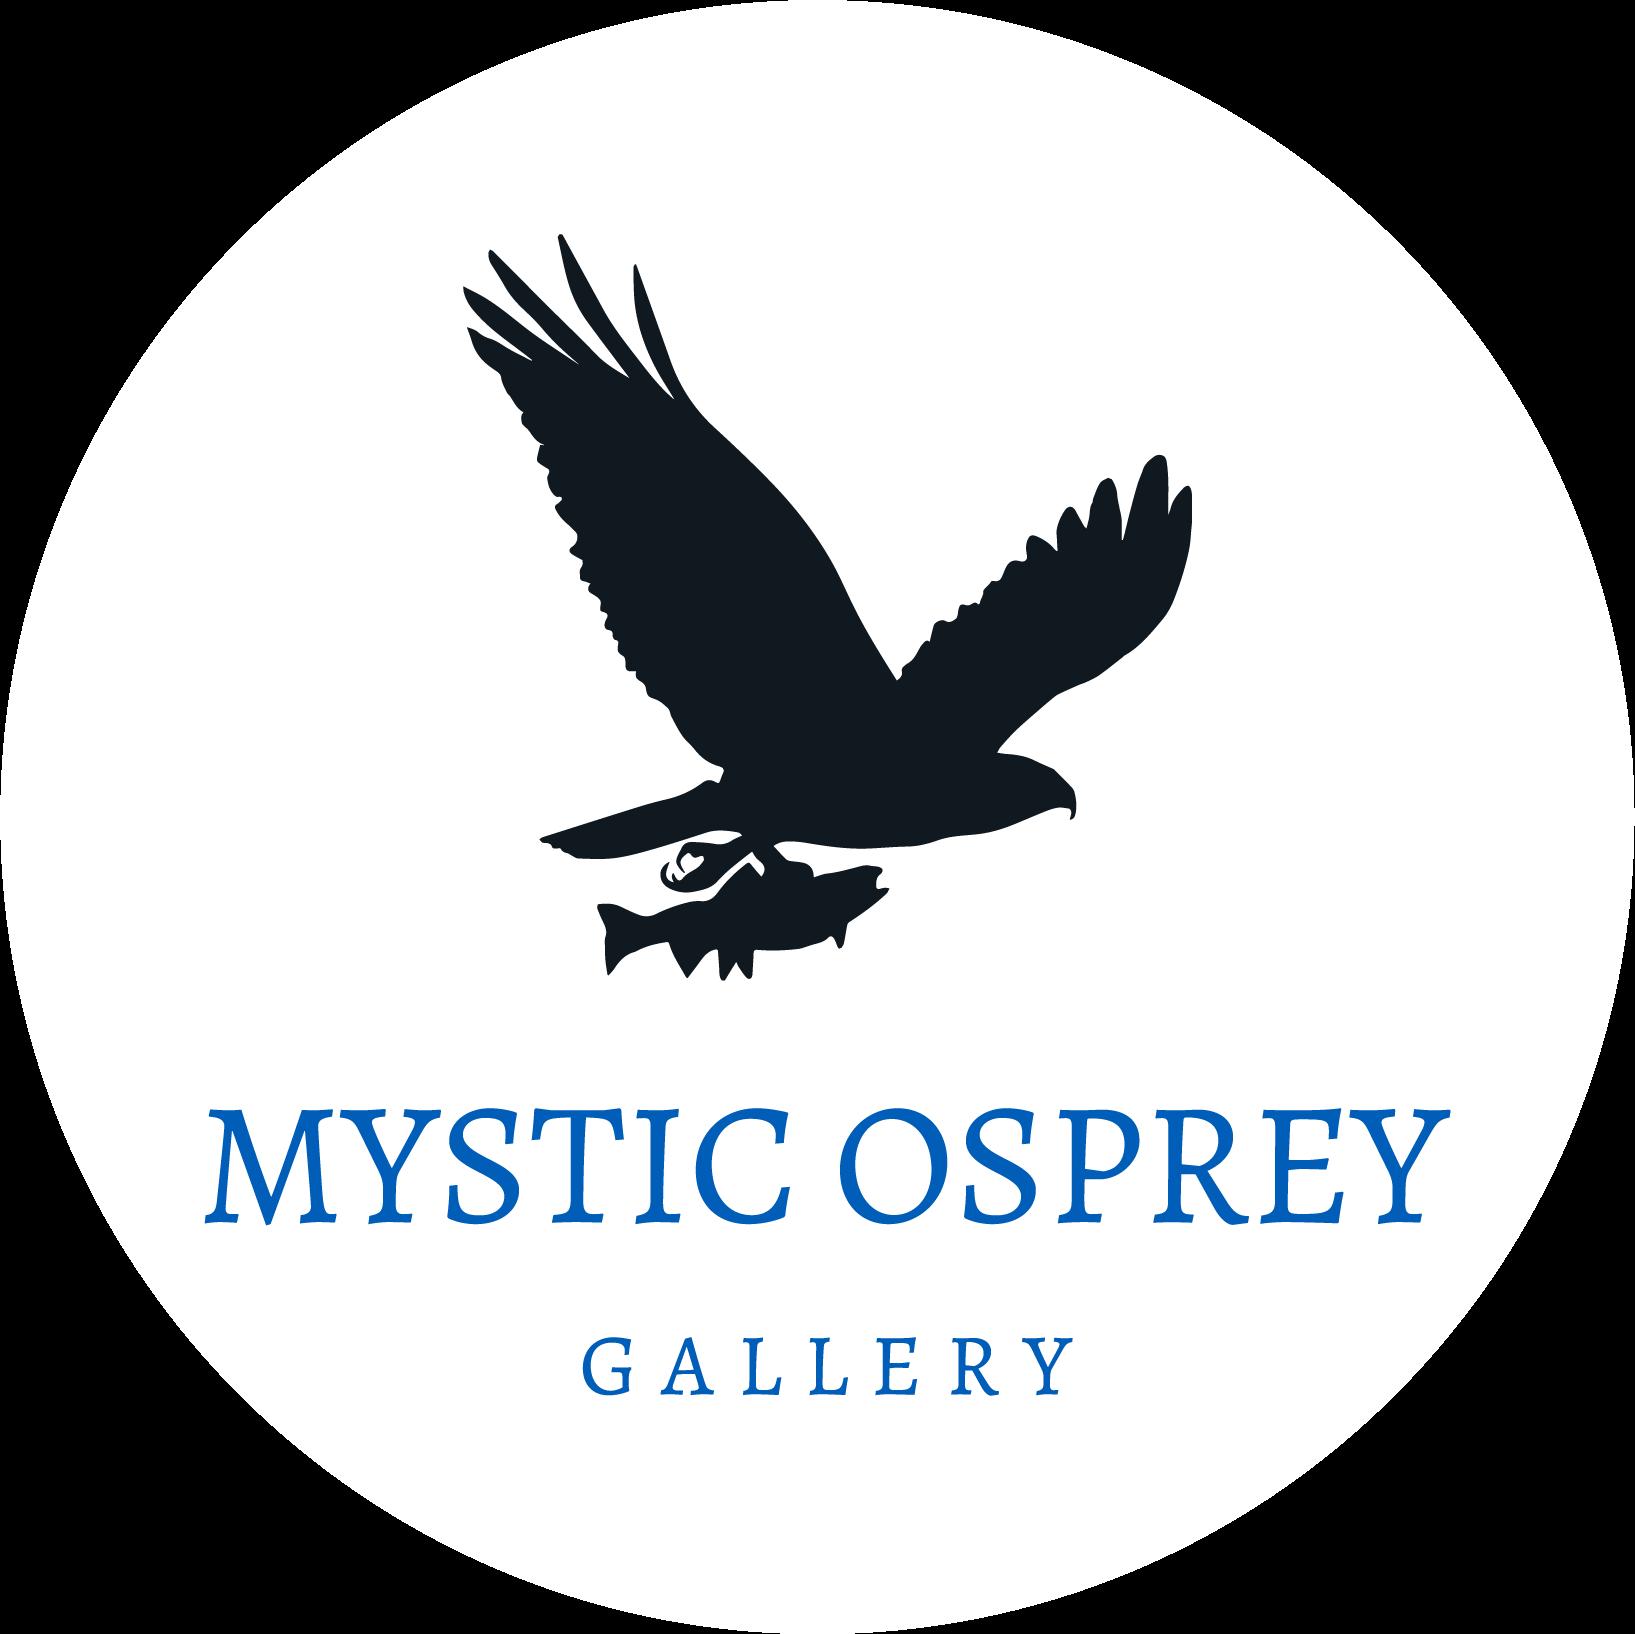 Mystic Osprey Gallery